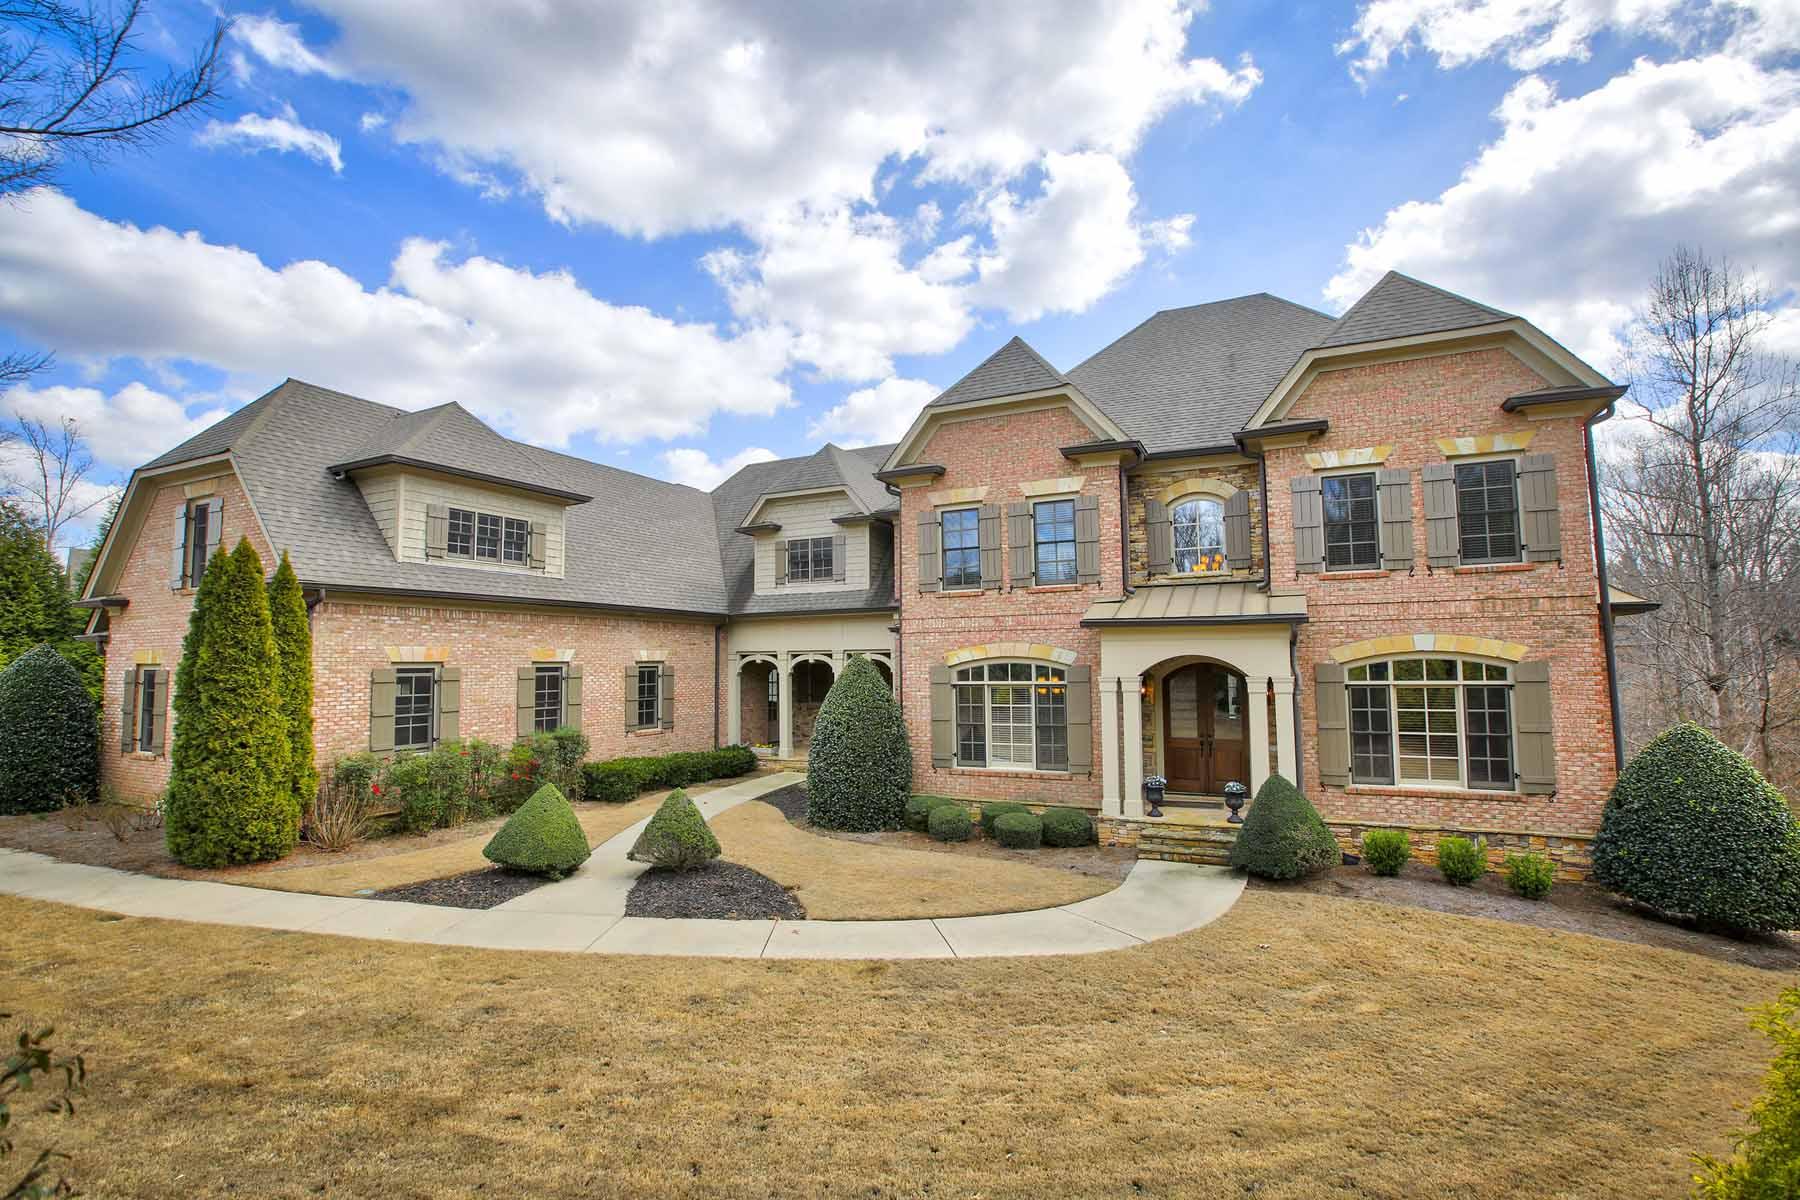 独户住宅 为 销售 在 Custom Beauty in Overlook at Litchfield 13142 Overlook Pass 罗斯威尔, 乔治亚州, 30075 美国